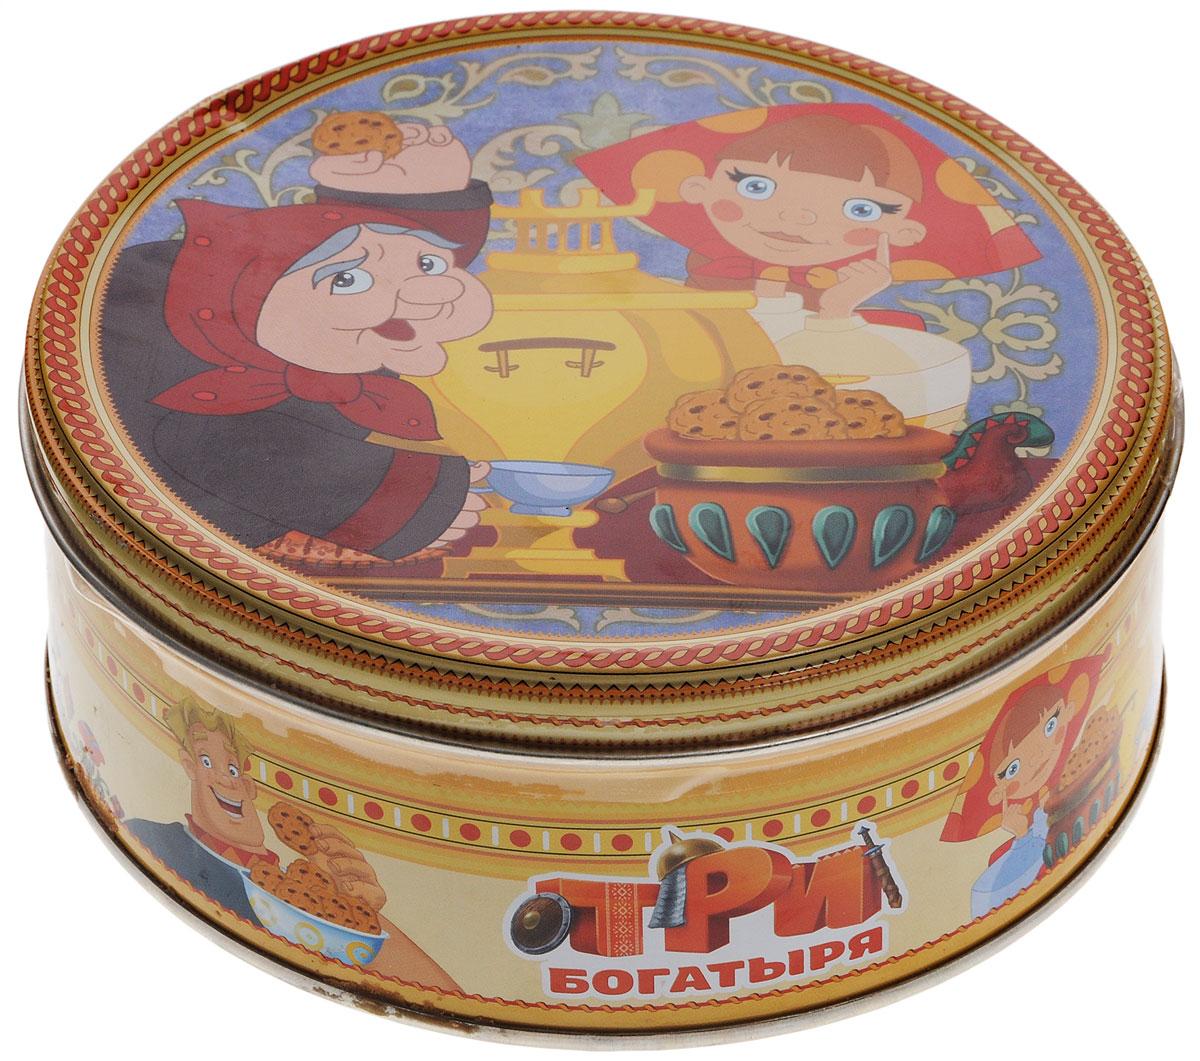 Три богатыря печенье сдобное с кусочками шоколада, 150 г купить печенье с предсказанием